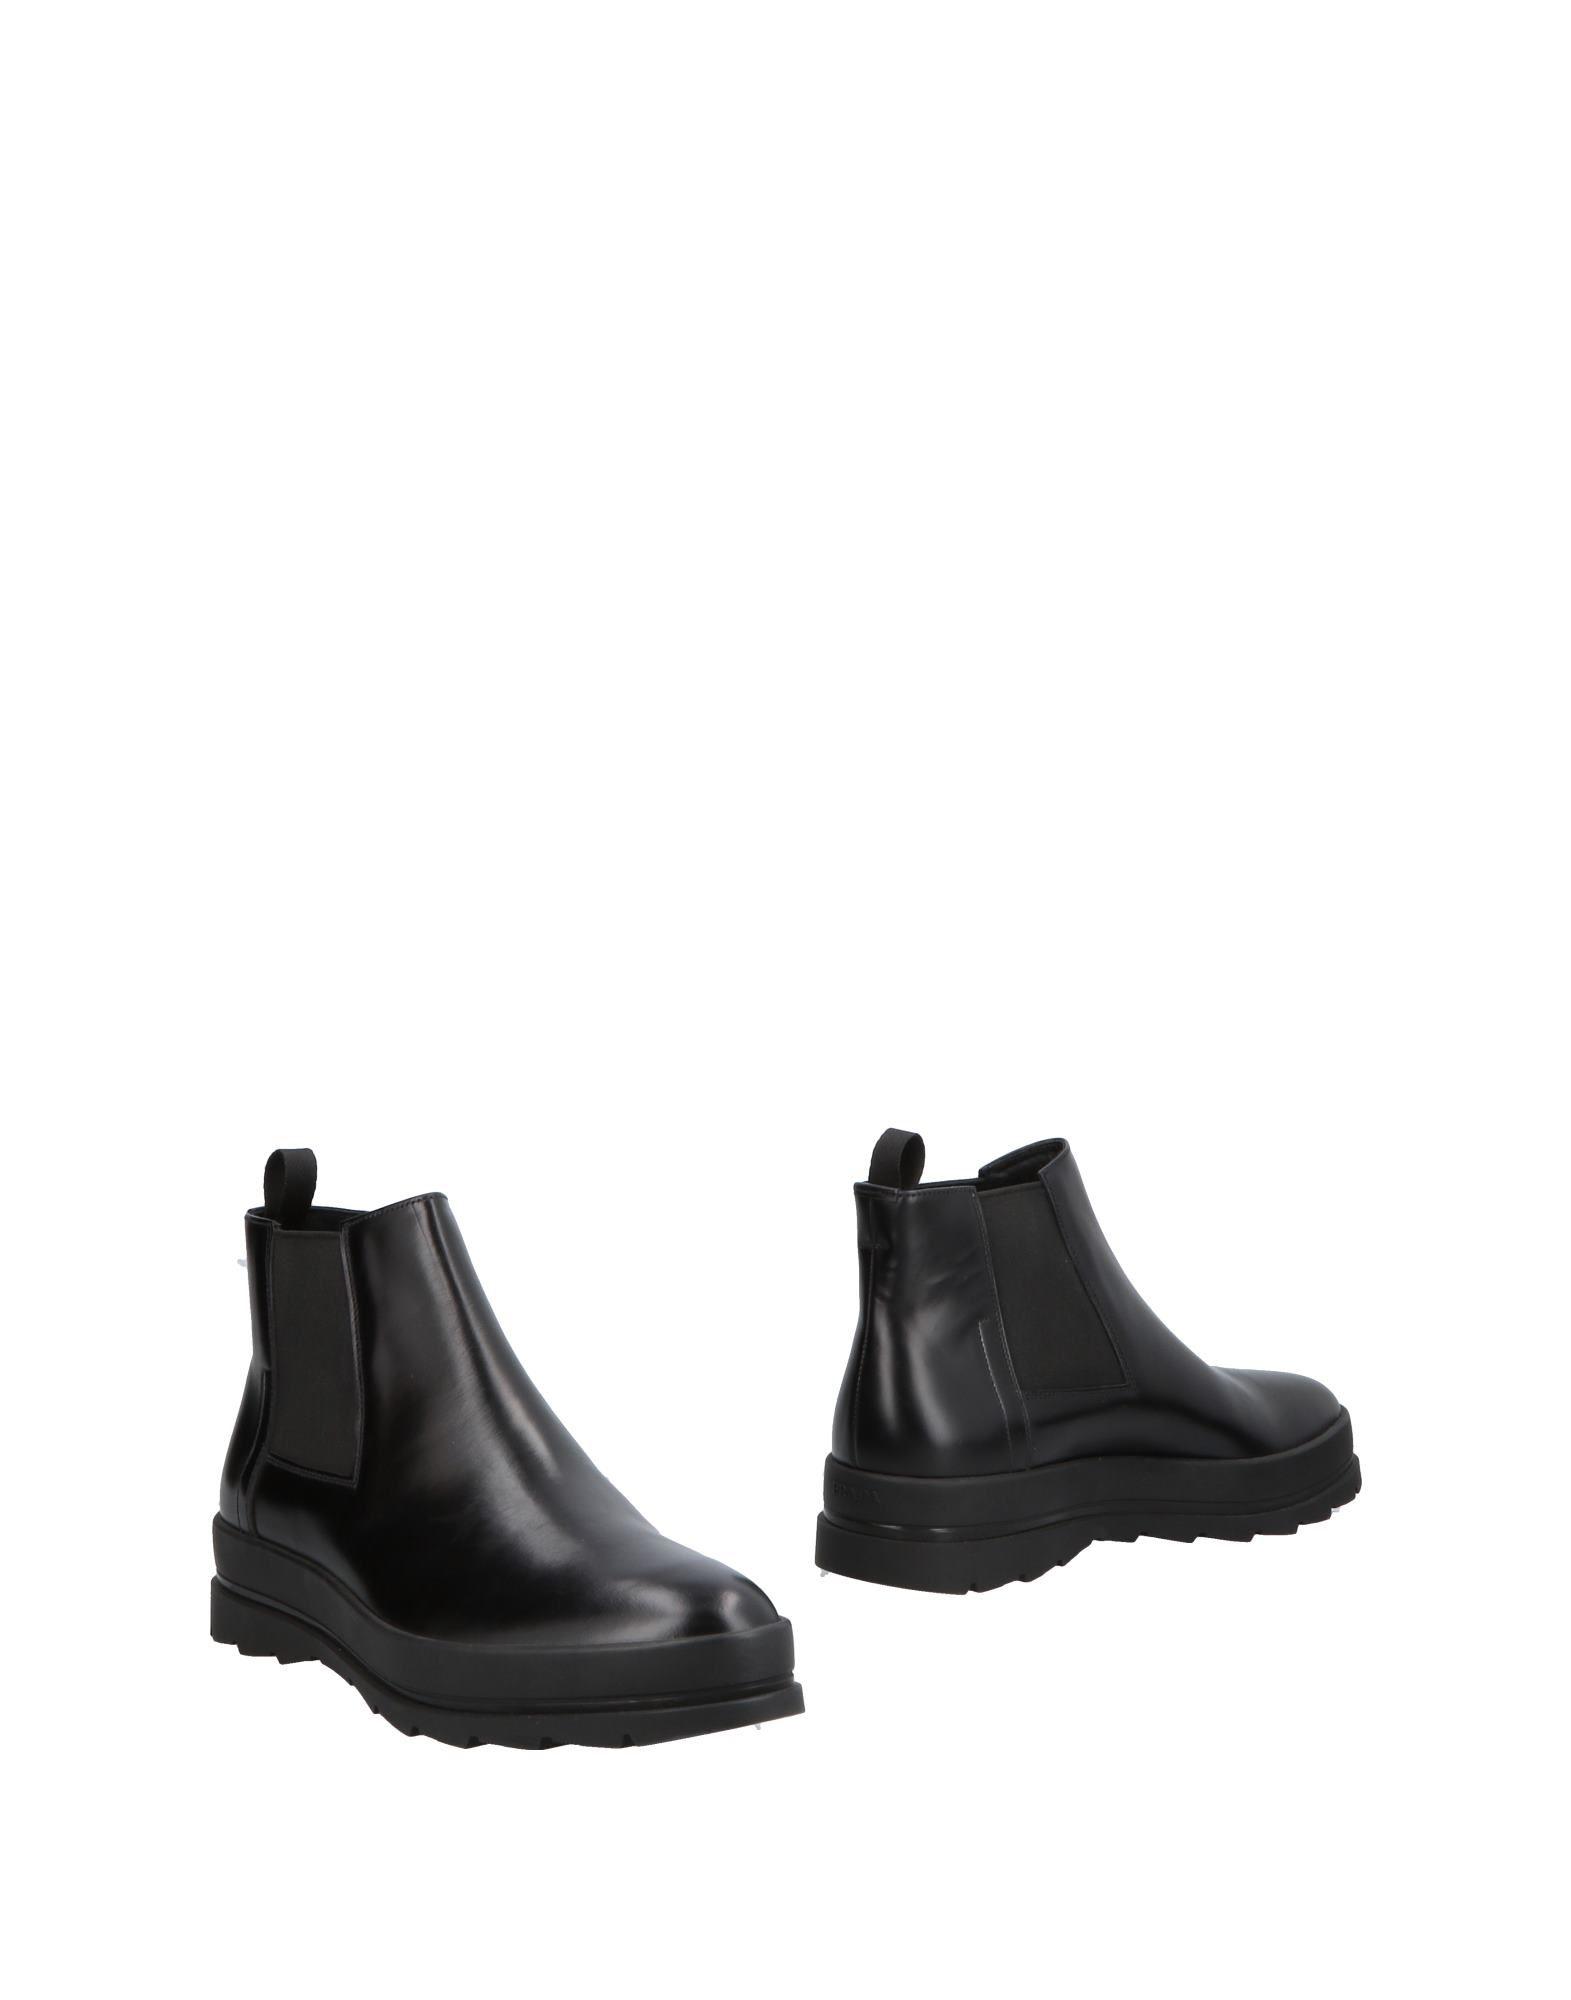 Prada Stiefelette Herren  11501172QK Gute Qualität beliebte Schuhe